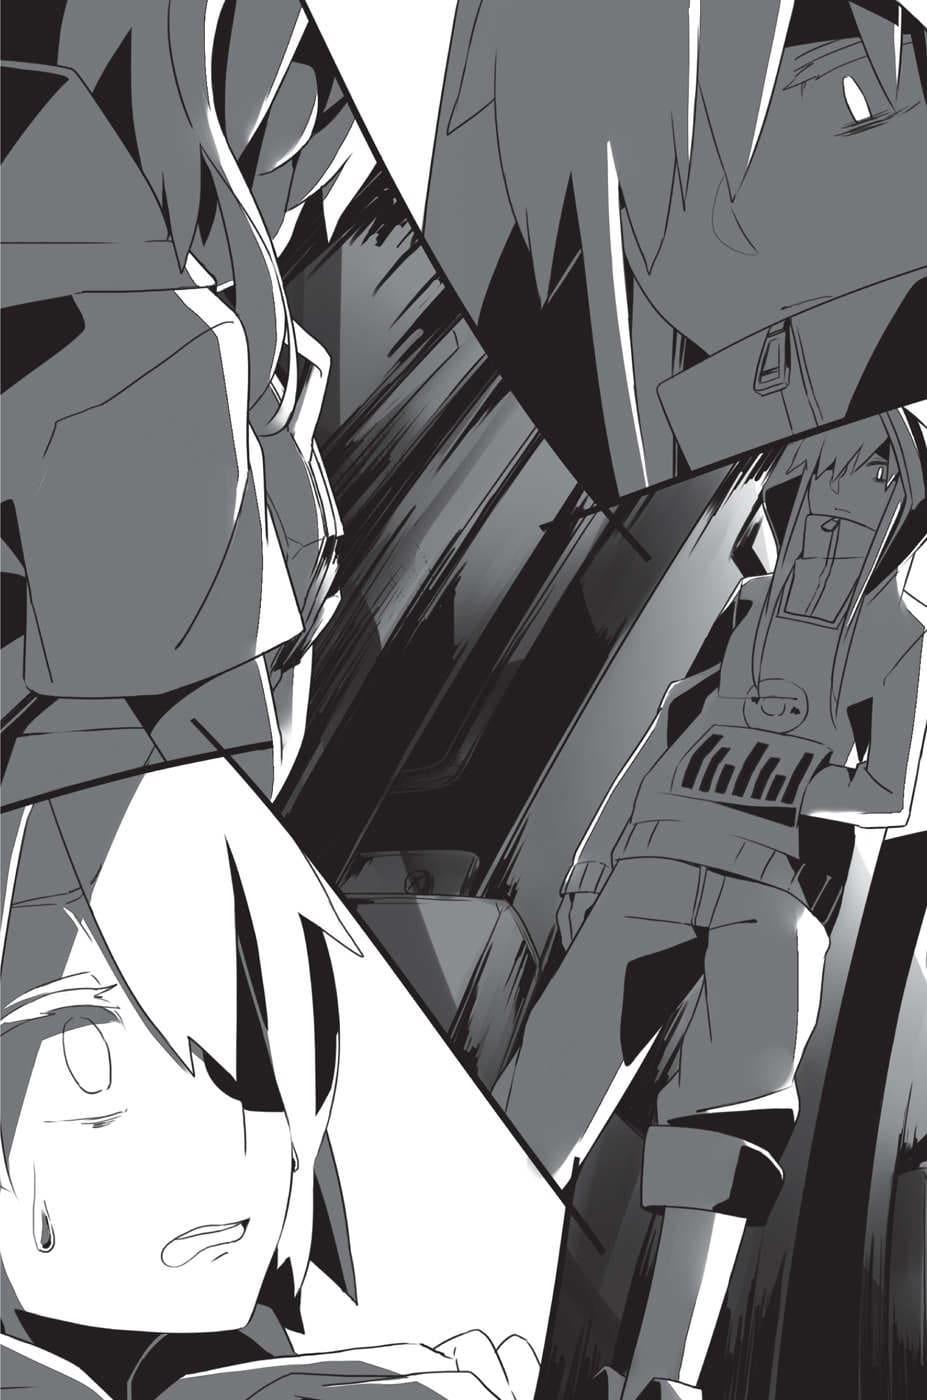 Kisaragi Attention novel chapter illustration